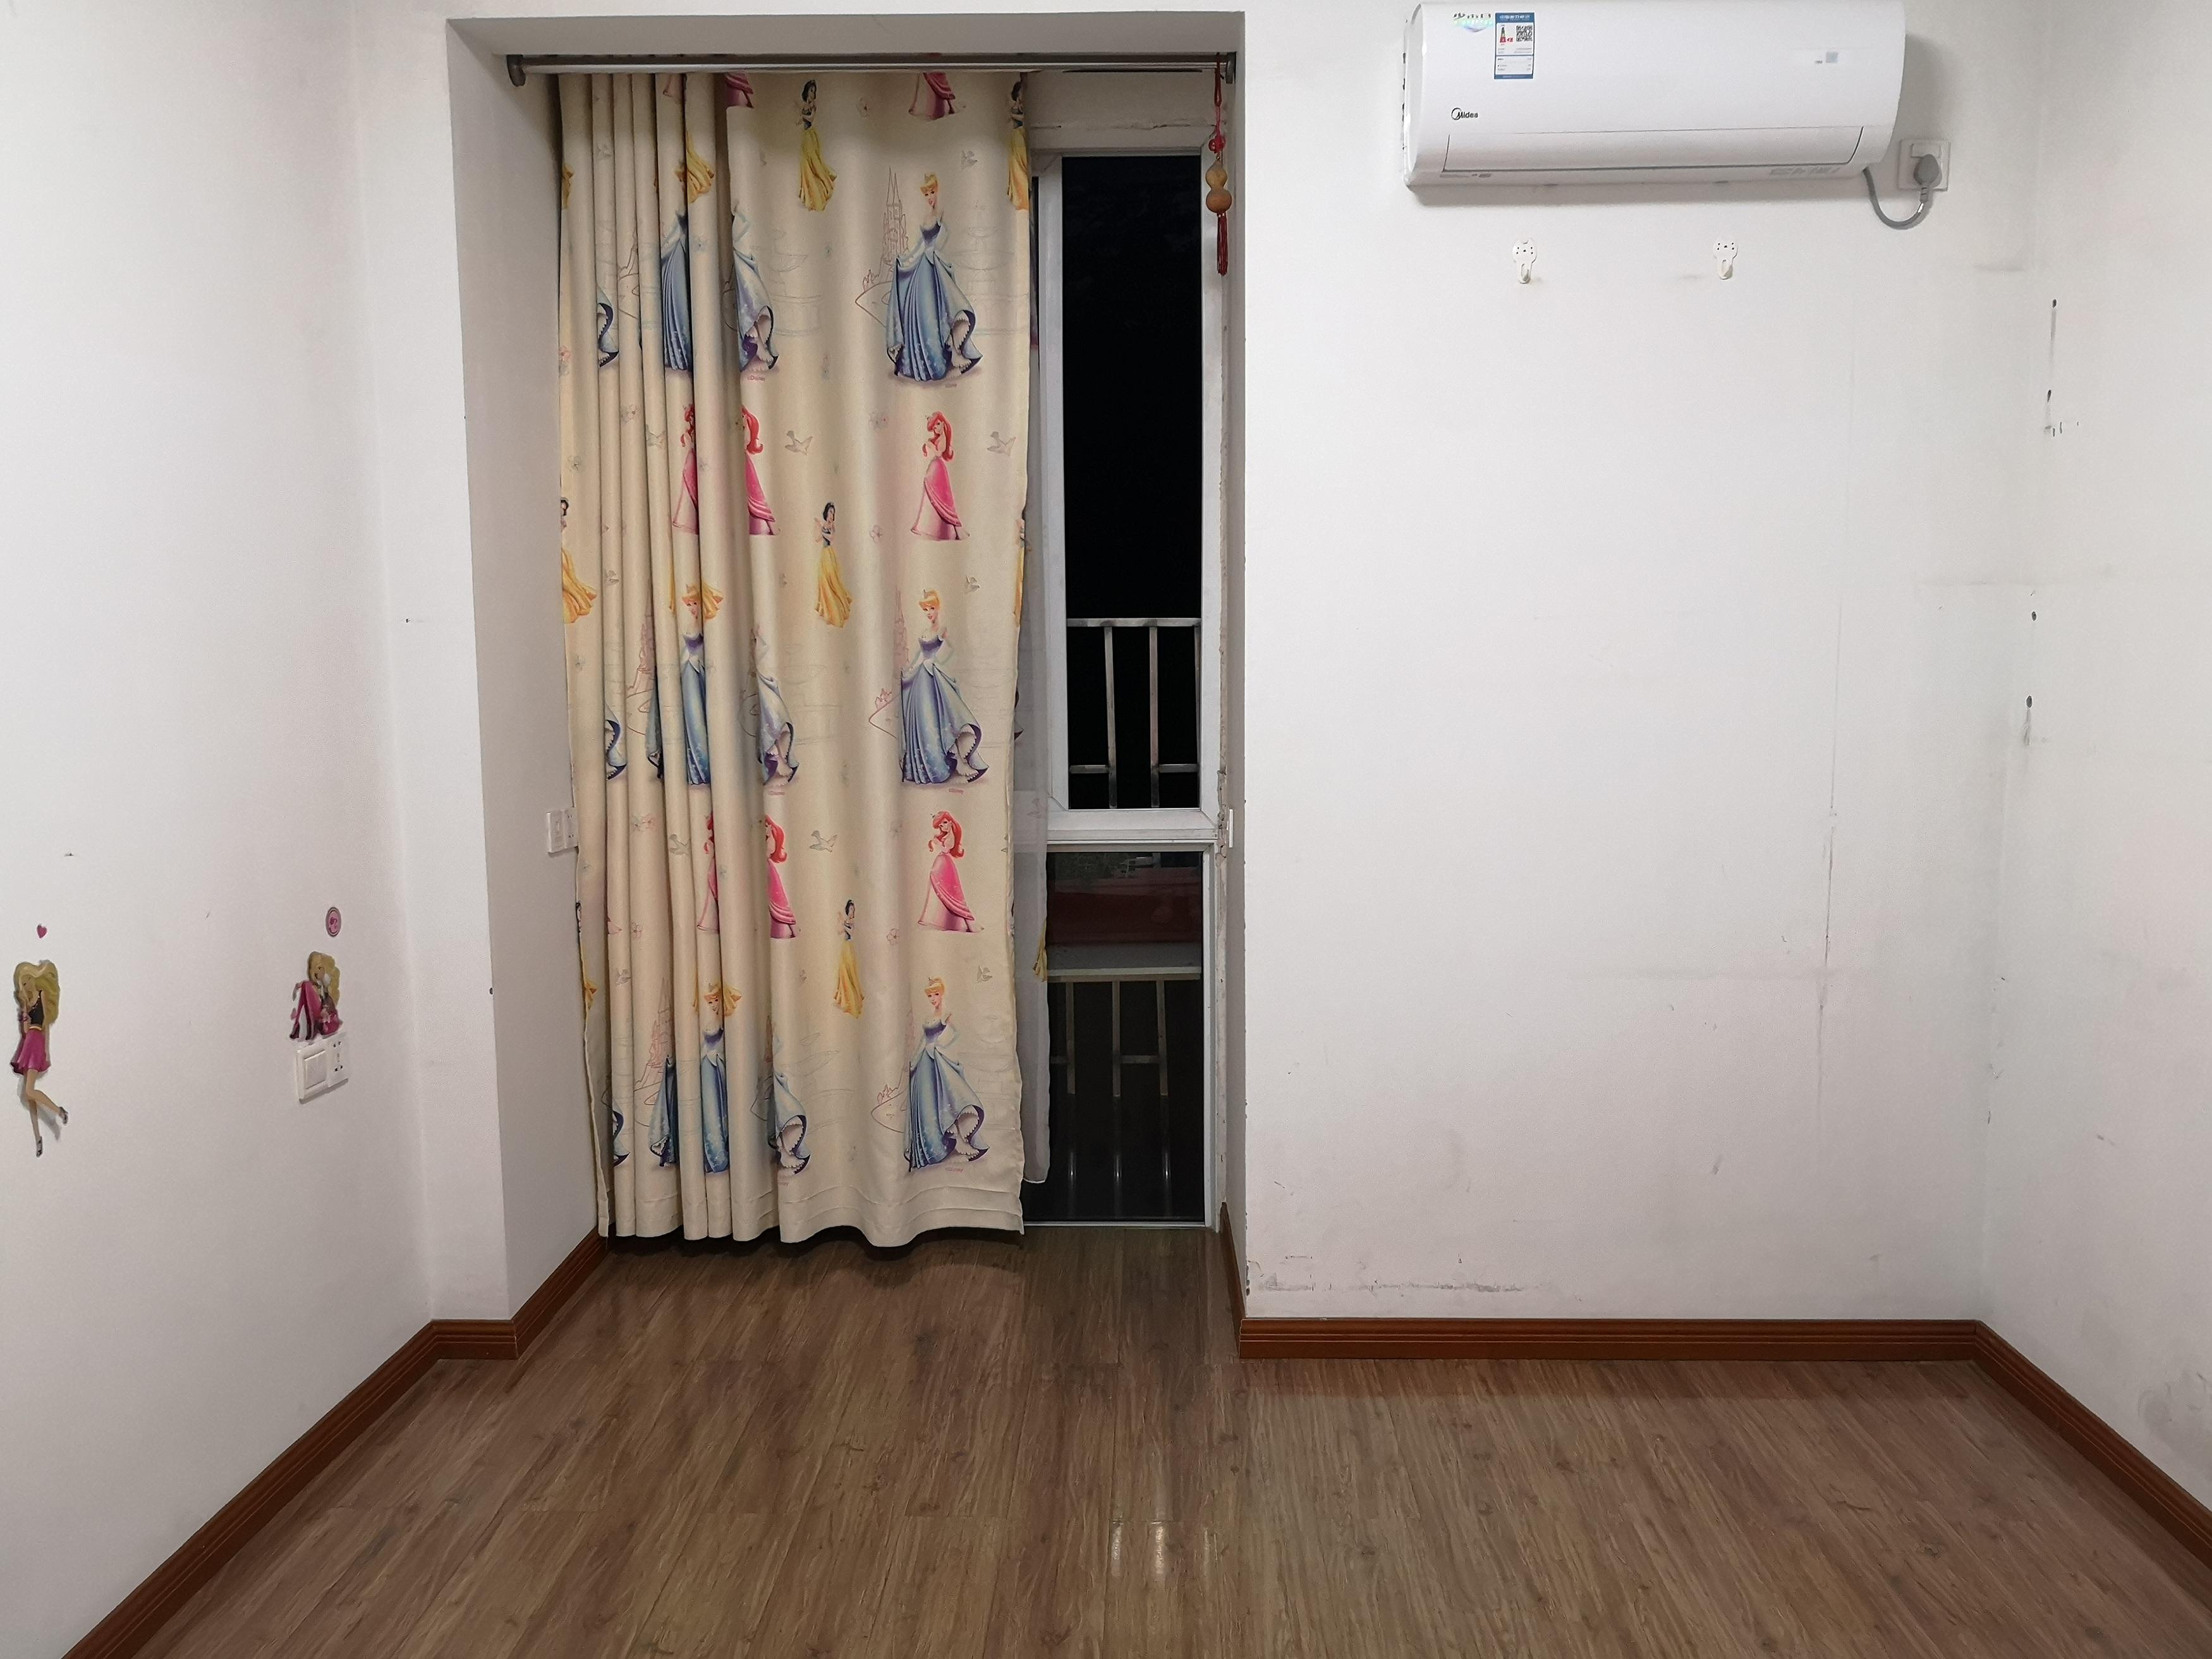 宜都天成小区,两室两厅经典四楼.